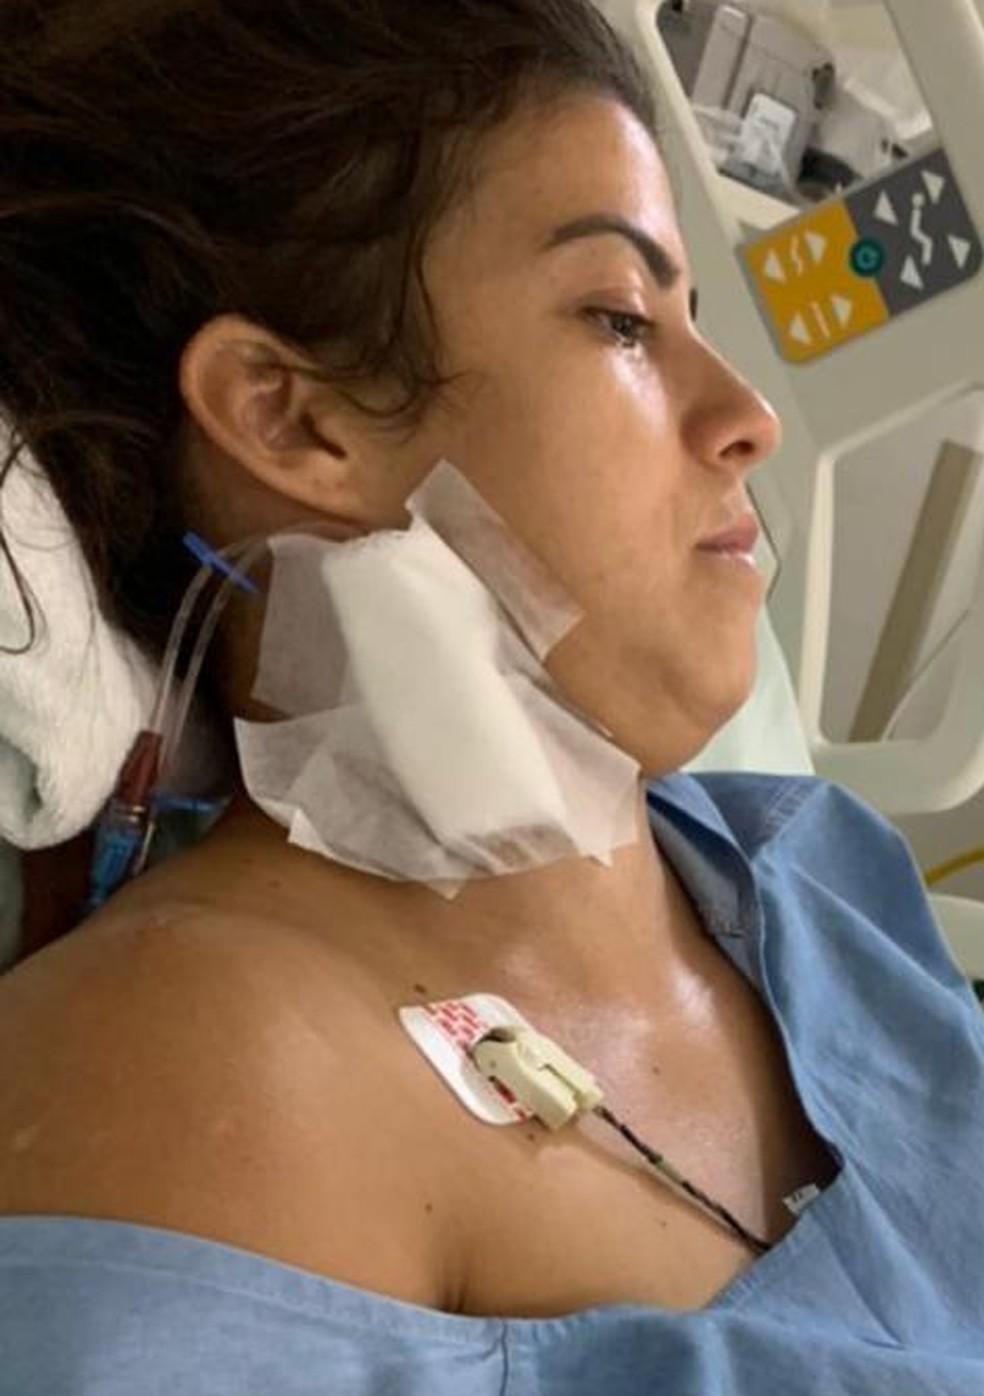 Pryscili Andrade, de 32 anos, está internada na UTI